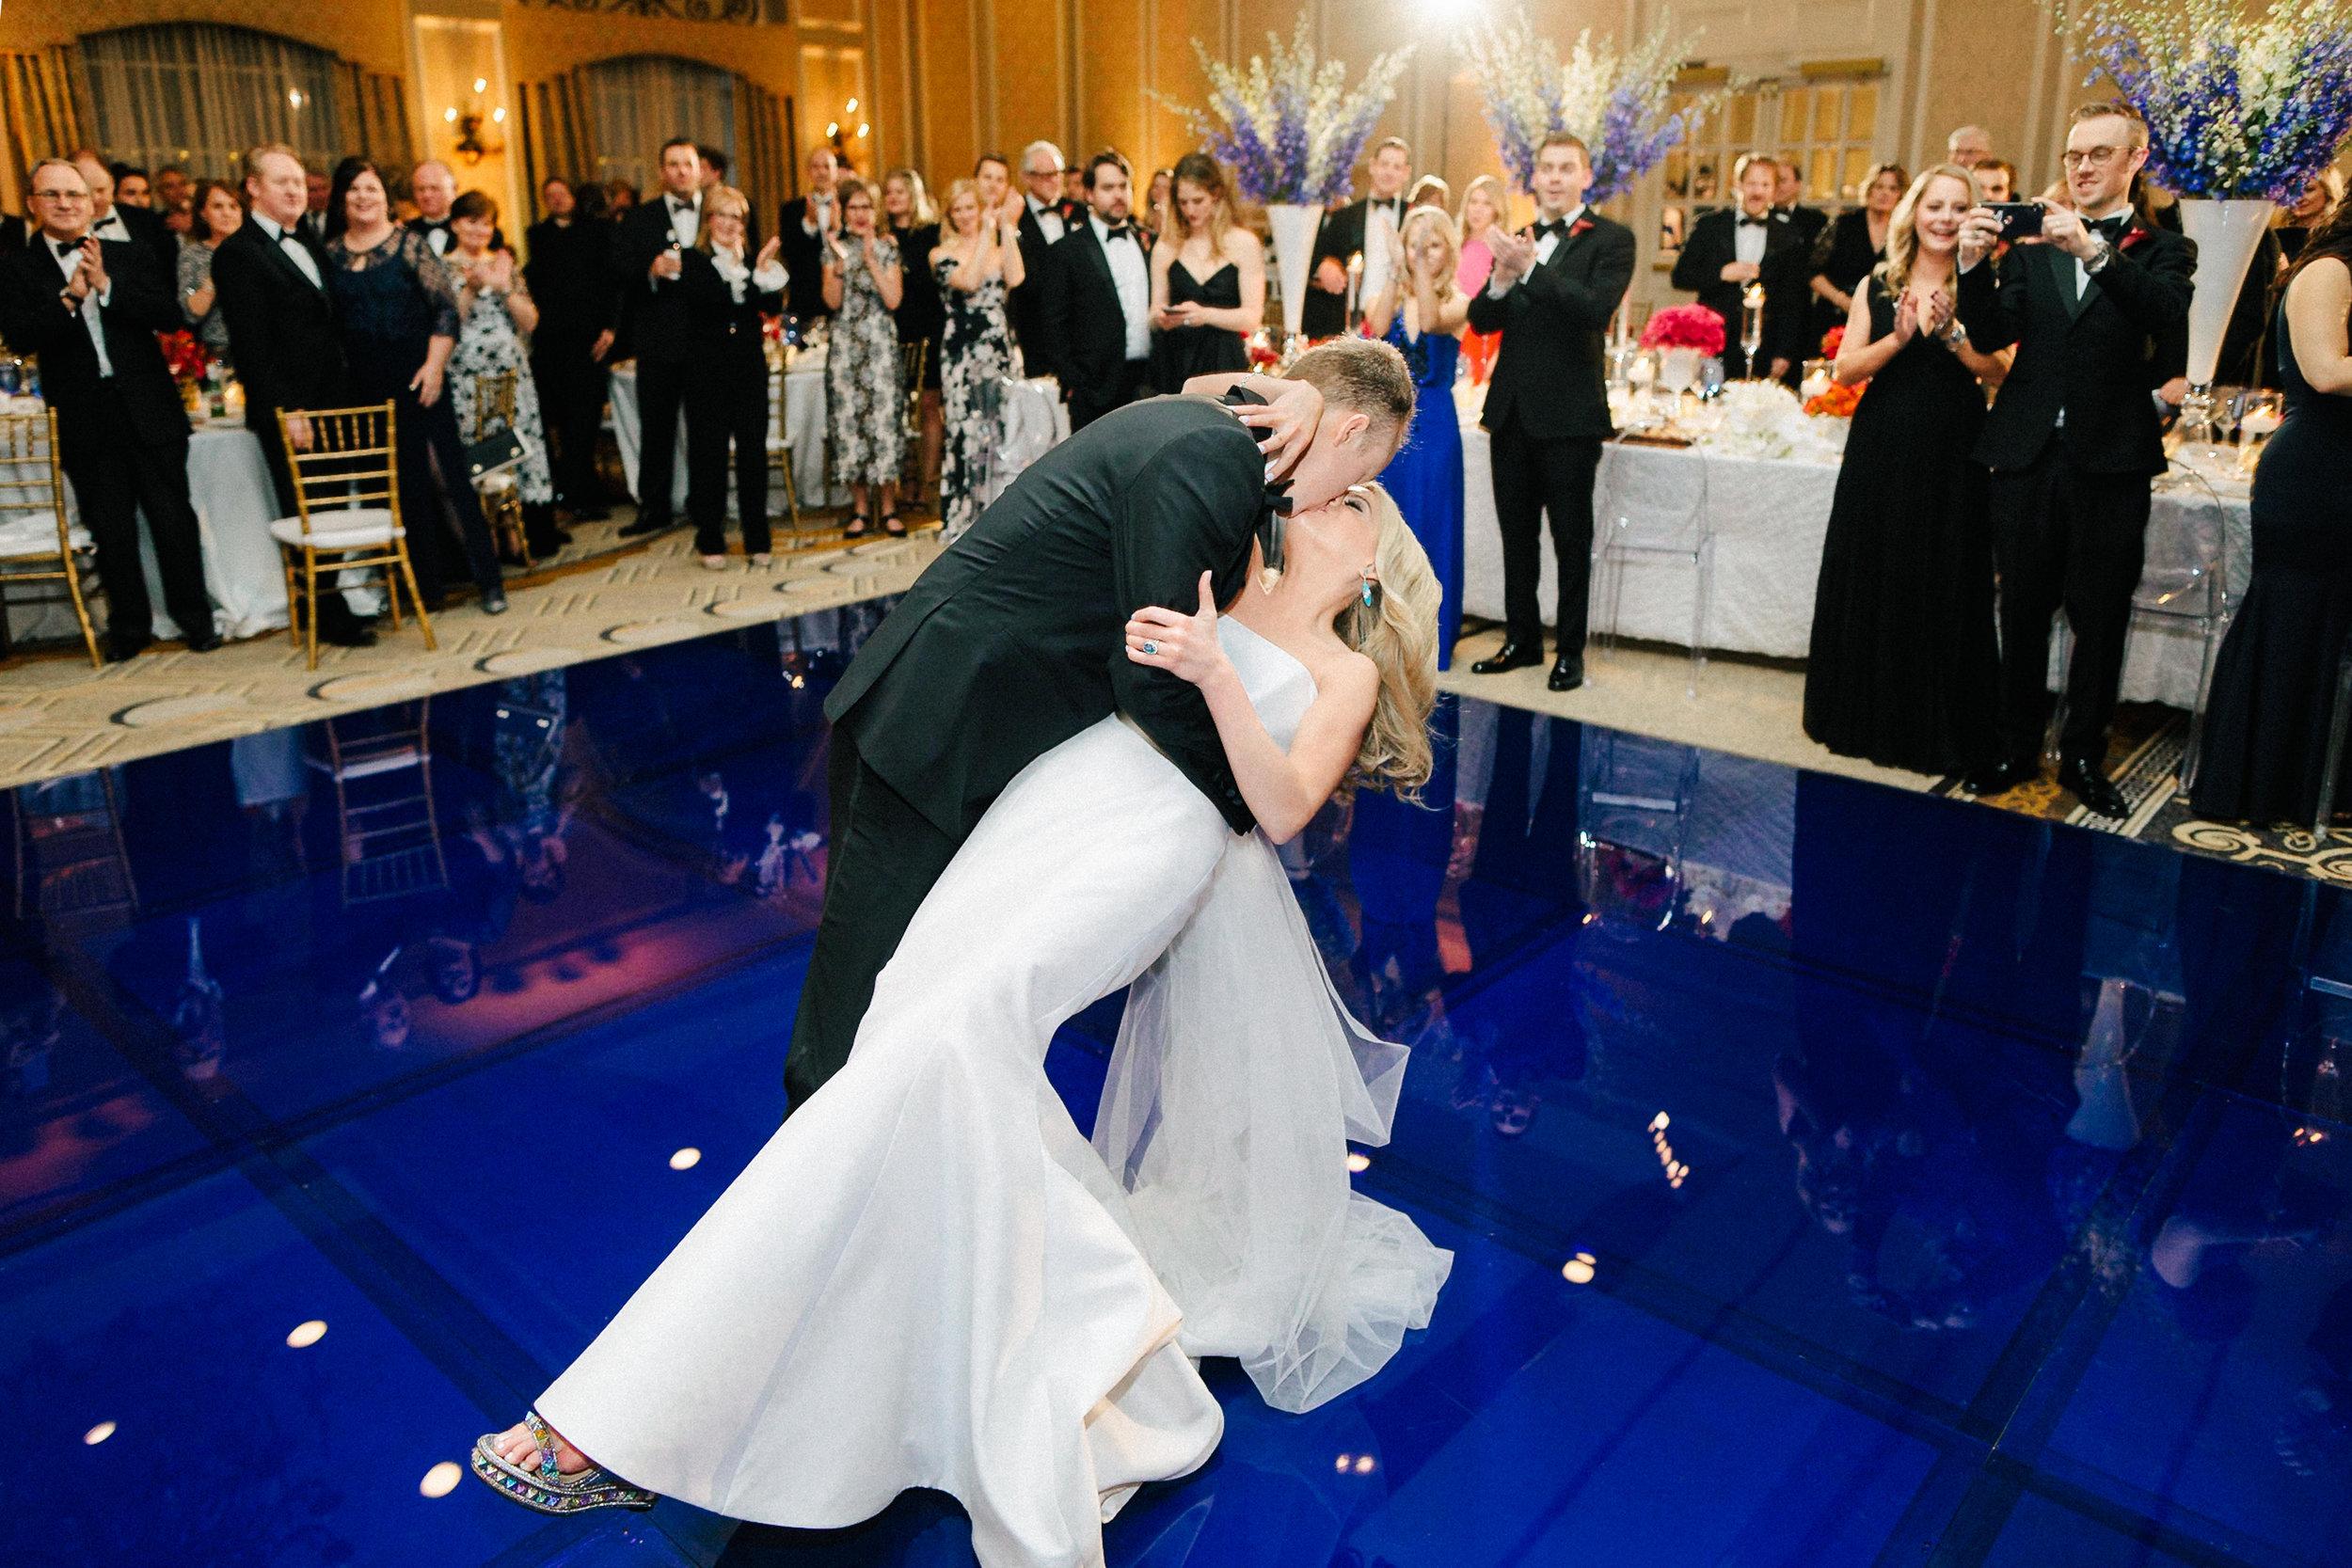 Reception - Adolphus Wedding - Dallas Wedding Planner - Allday Events - 84.jpg